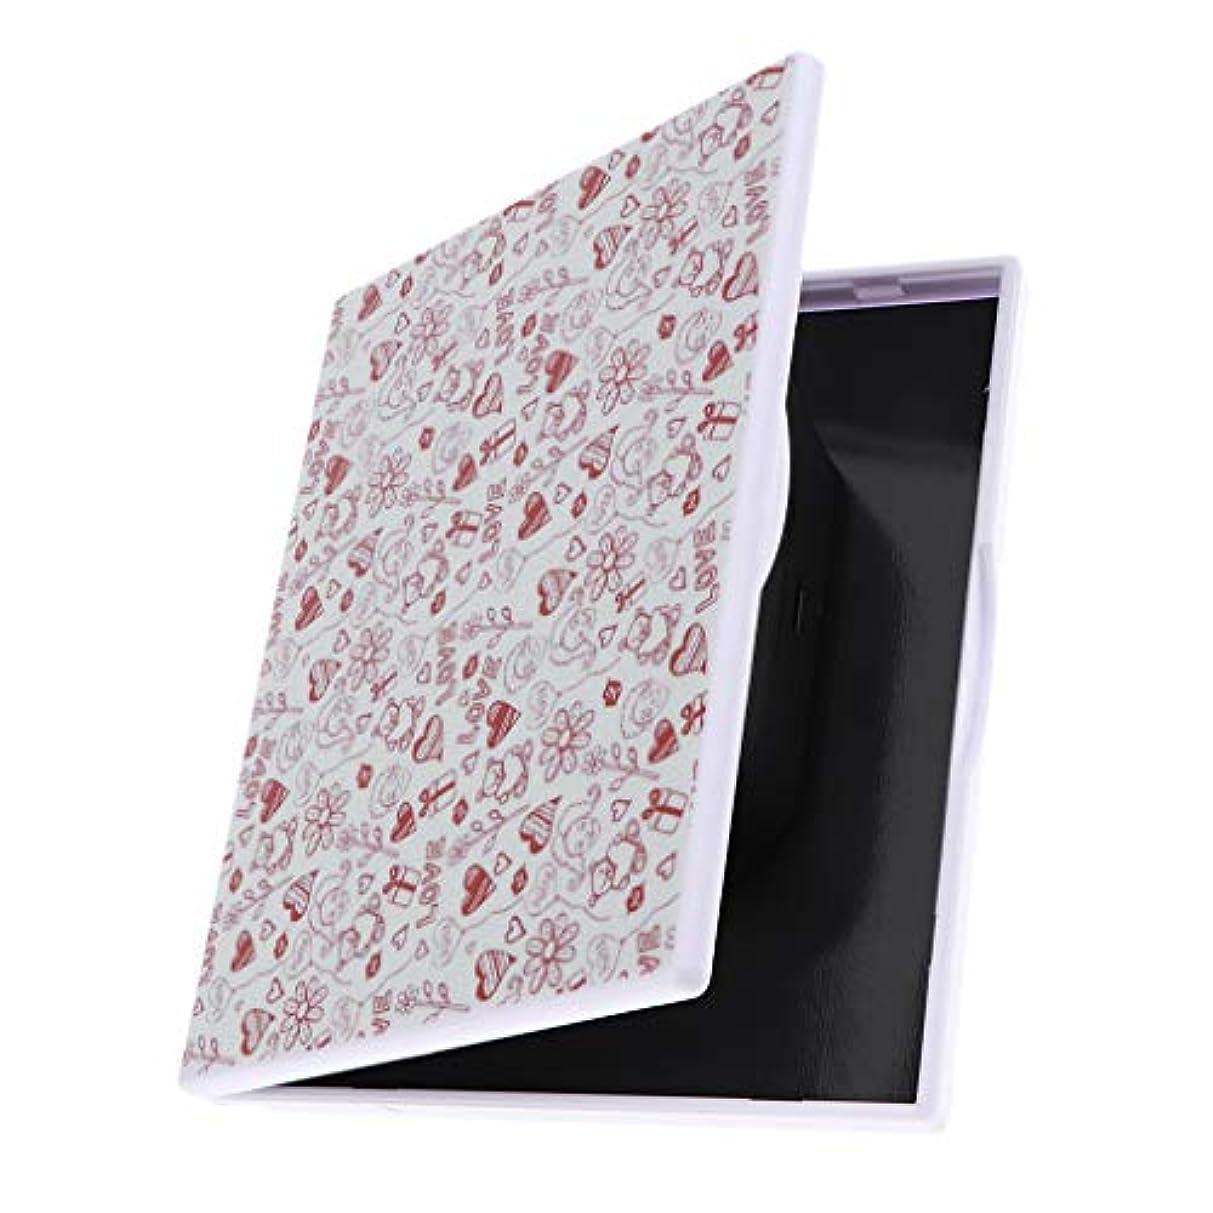 トリム神秘無T TOOYFUL アイシャドウパレット 磁気 頬紅パレット 空 アイシャドーボックス メイクパレット 全4種類選択 - 04